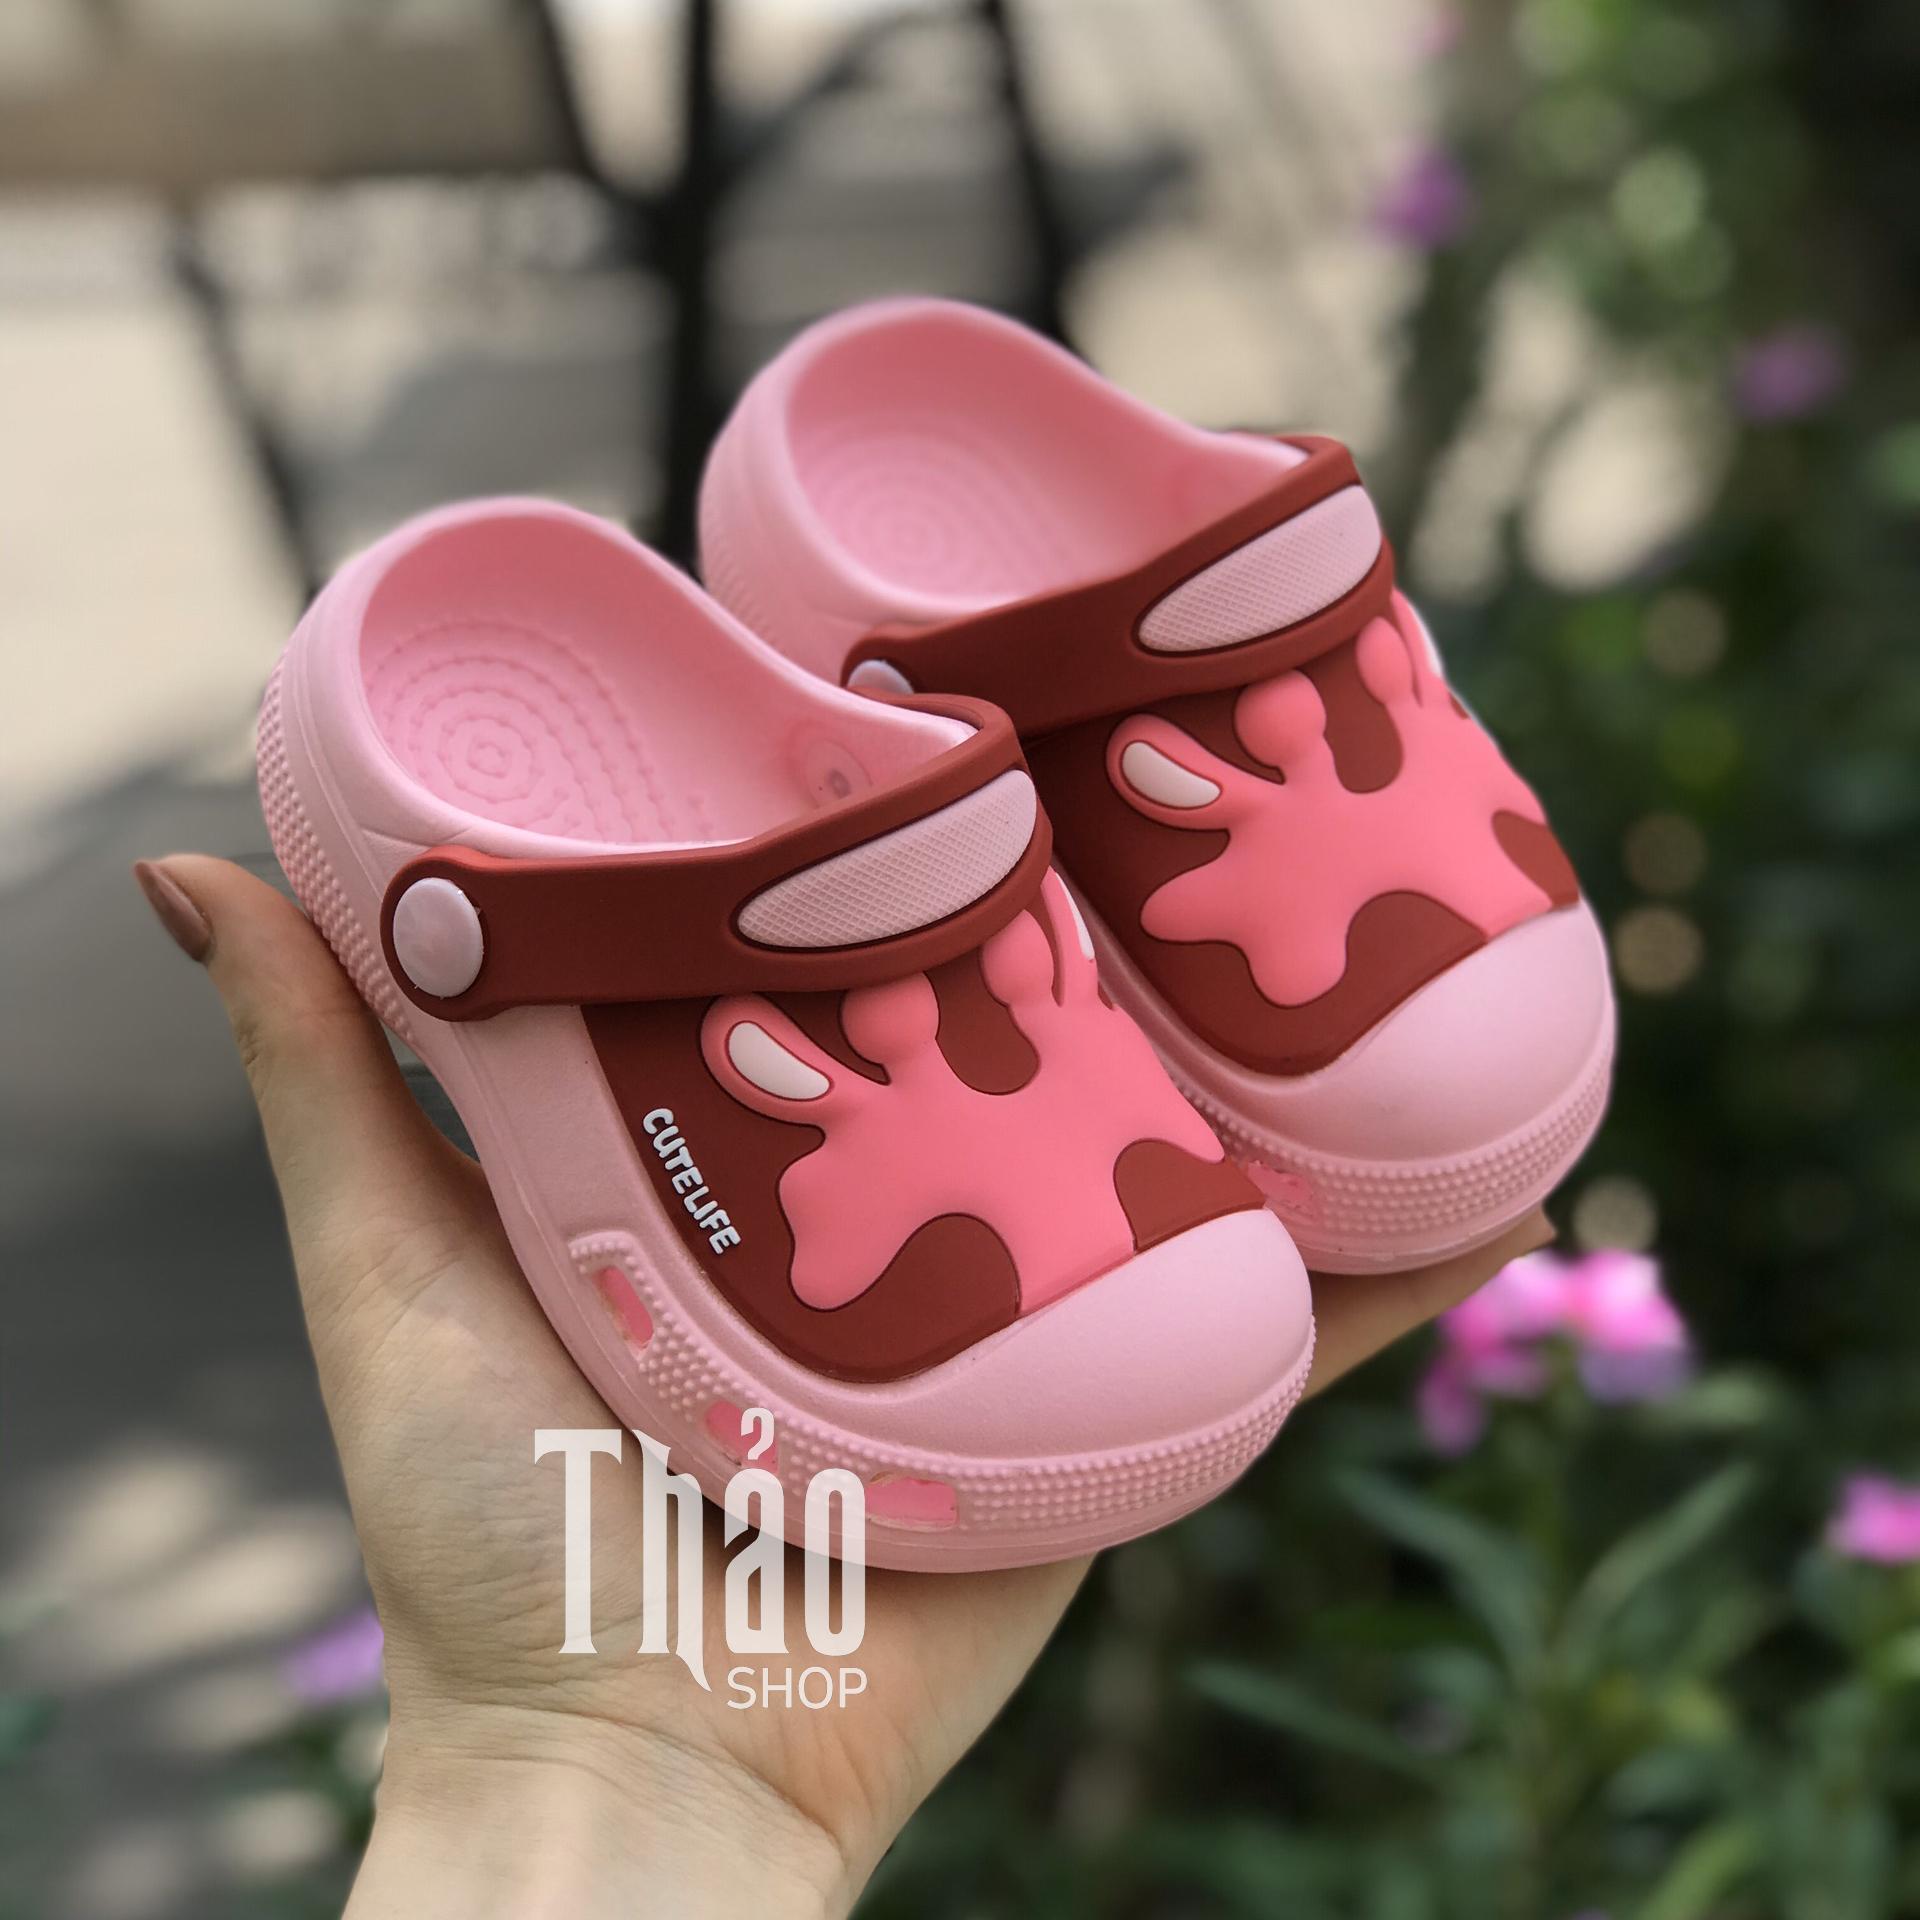 Tiêu chí lựa chọn địa chỉ cung cấp giày dép trẻ em cao cấp